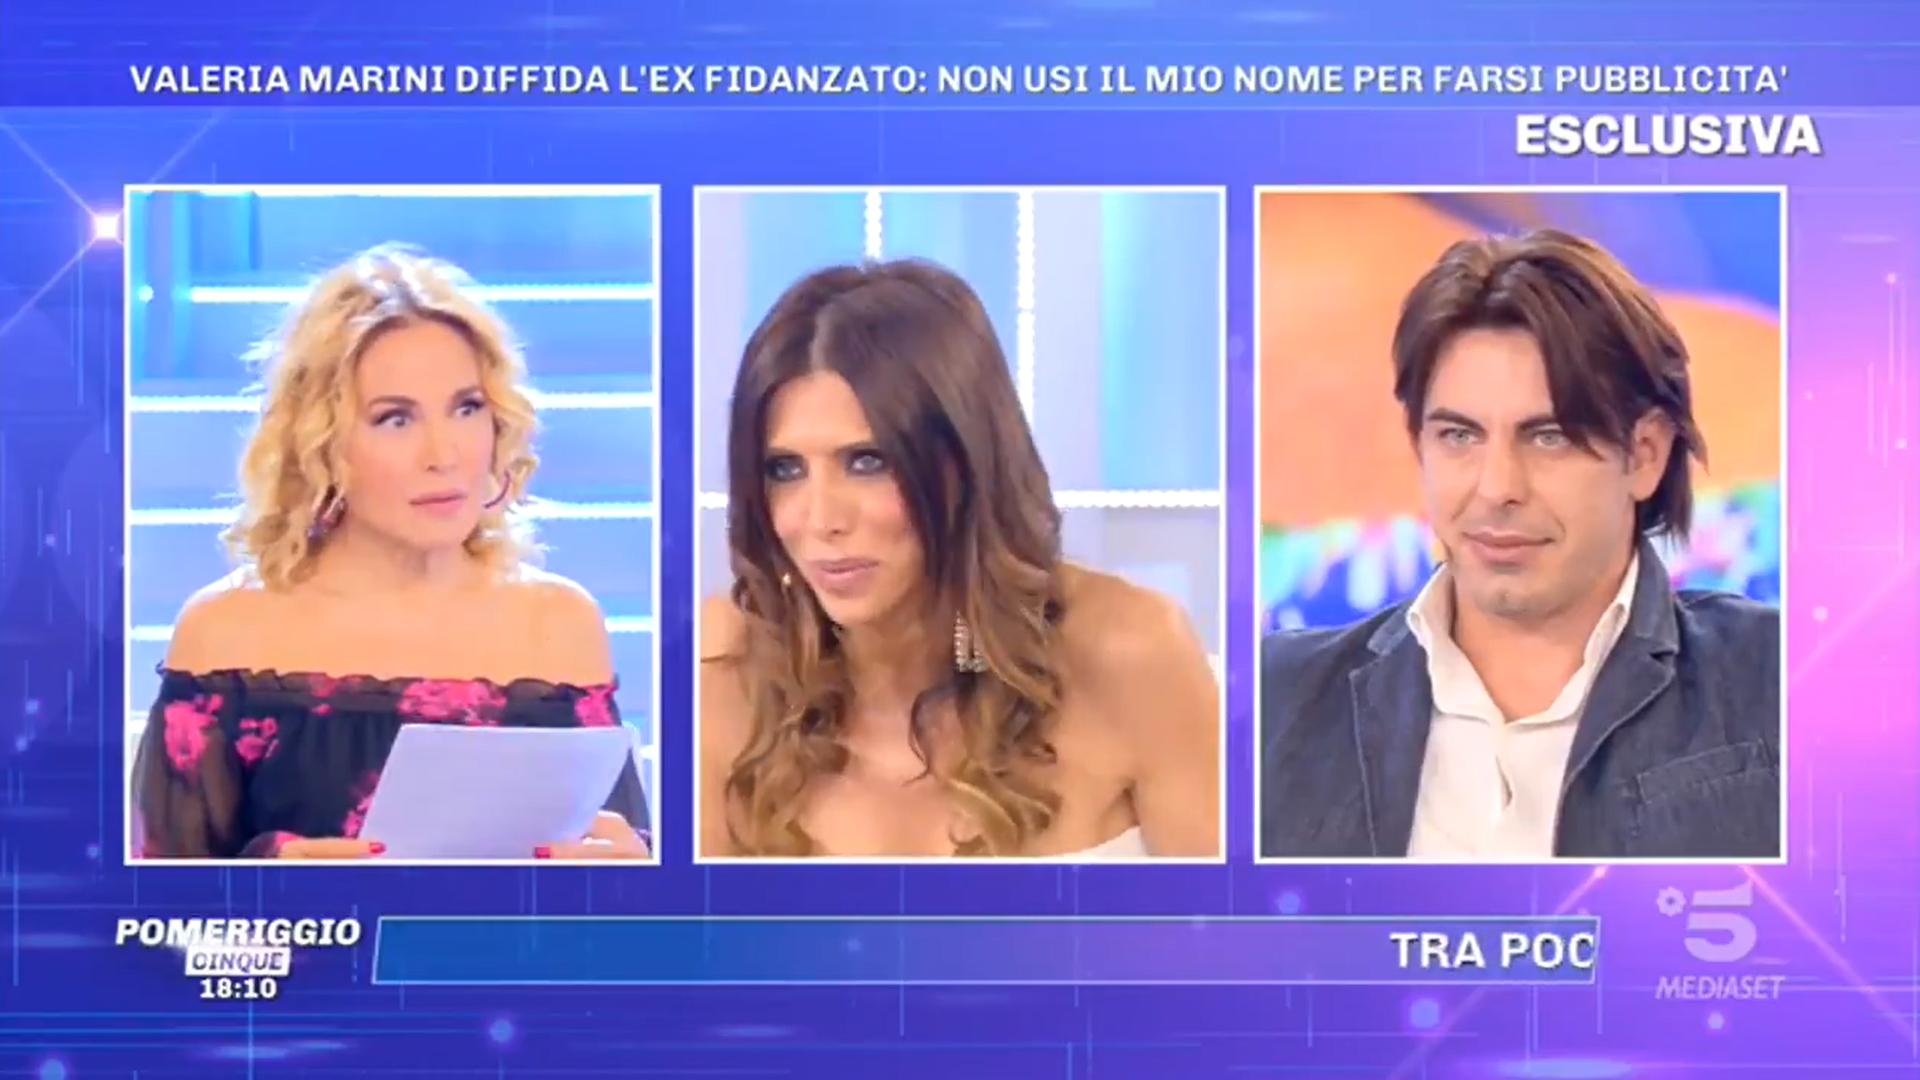 Pomeriggio 5, Valeria Marini diffida il suo ex fidanzato e la Tittocchia